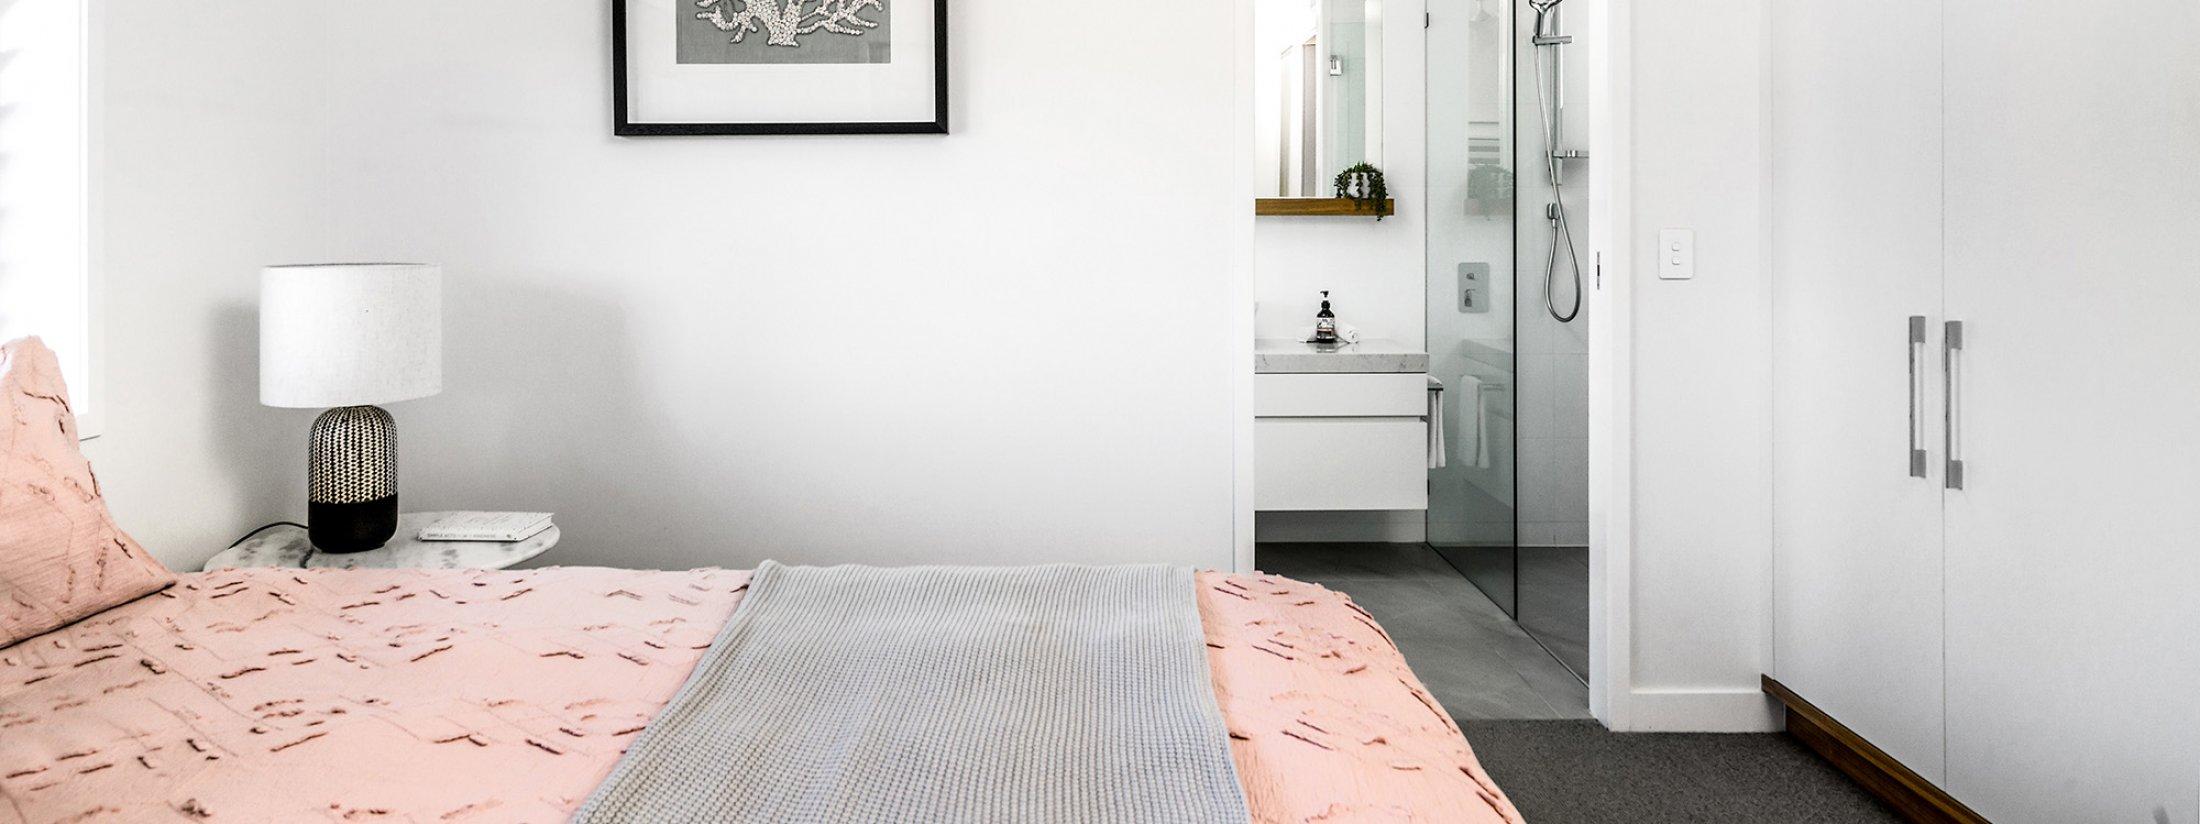 Kaylani Cove - Byron Bay - Master Bedroom Upstairs